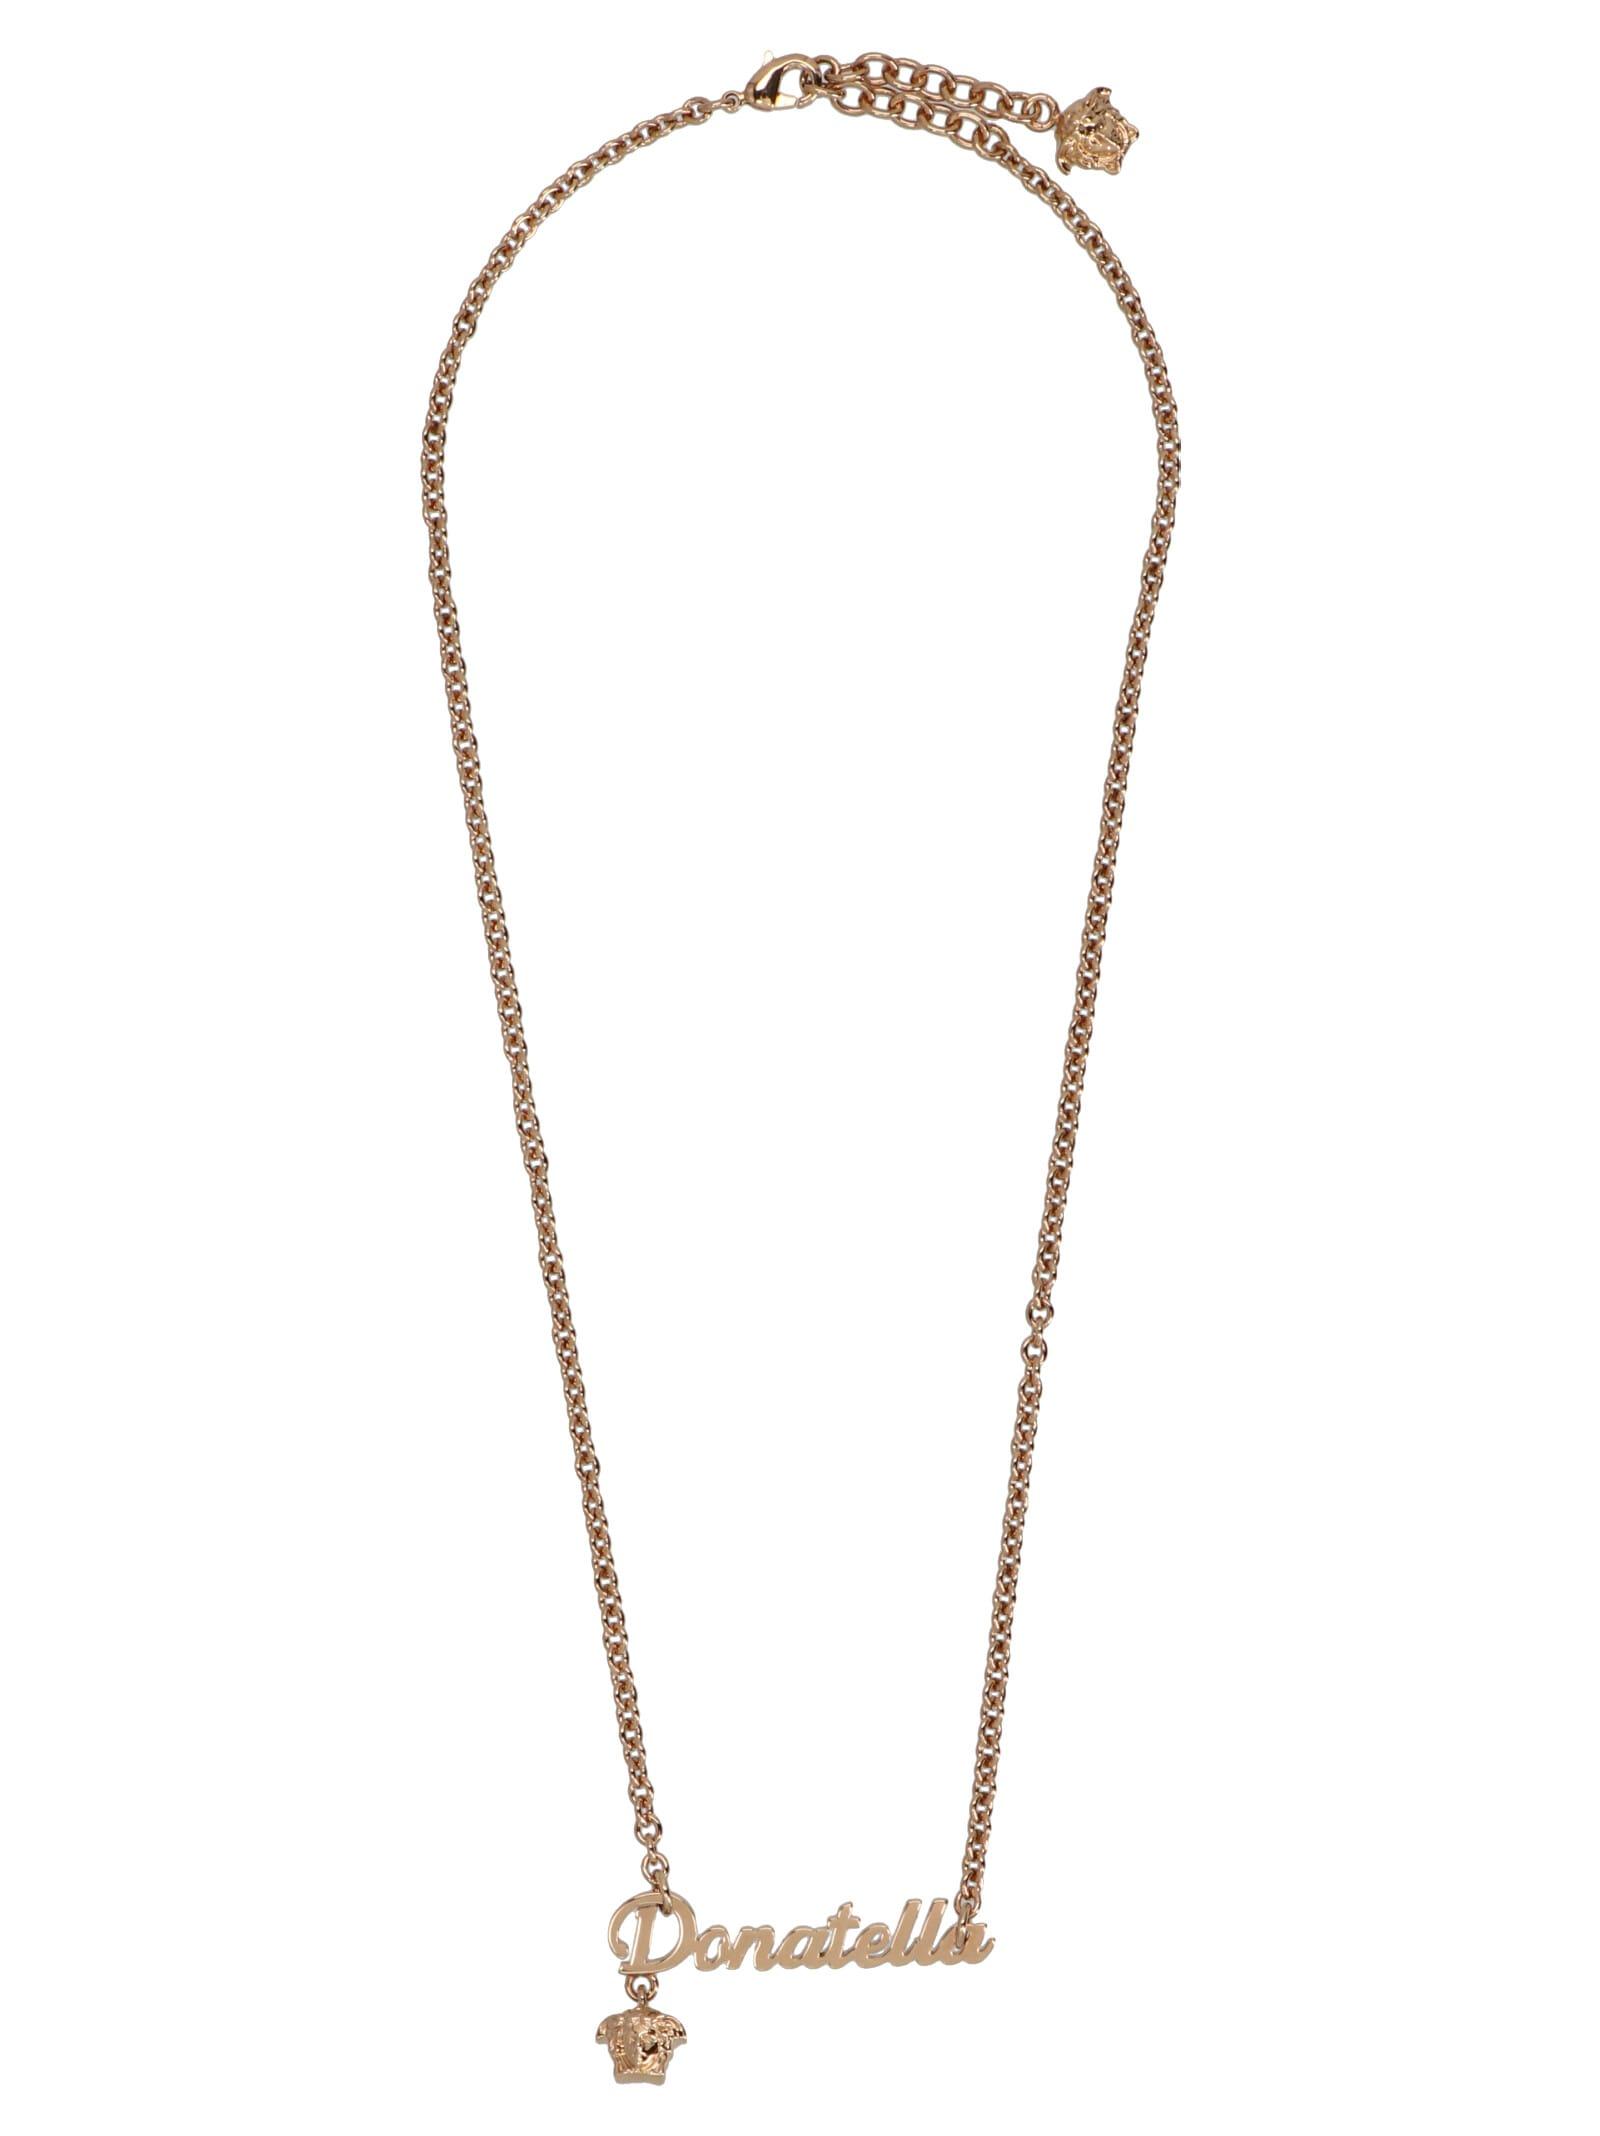 Versace Necklaces DONATELLA NECKLACE